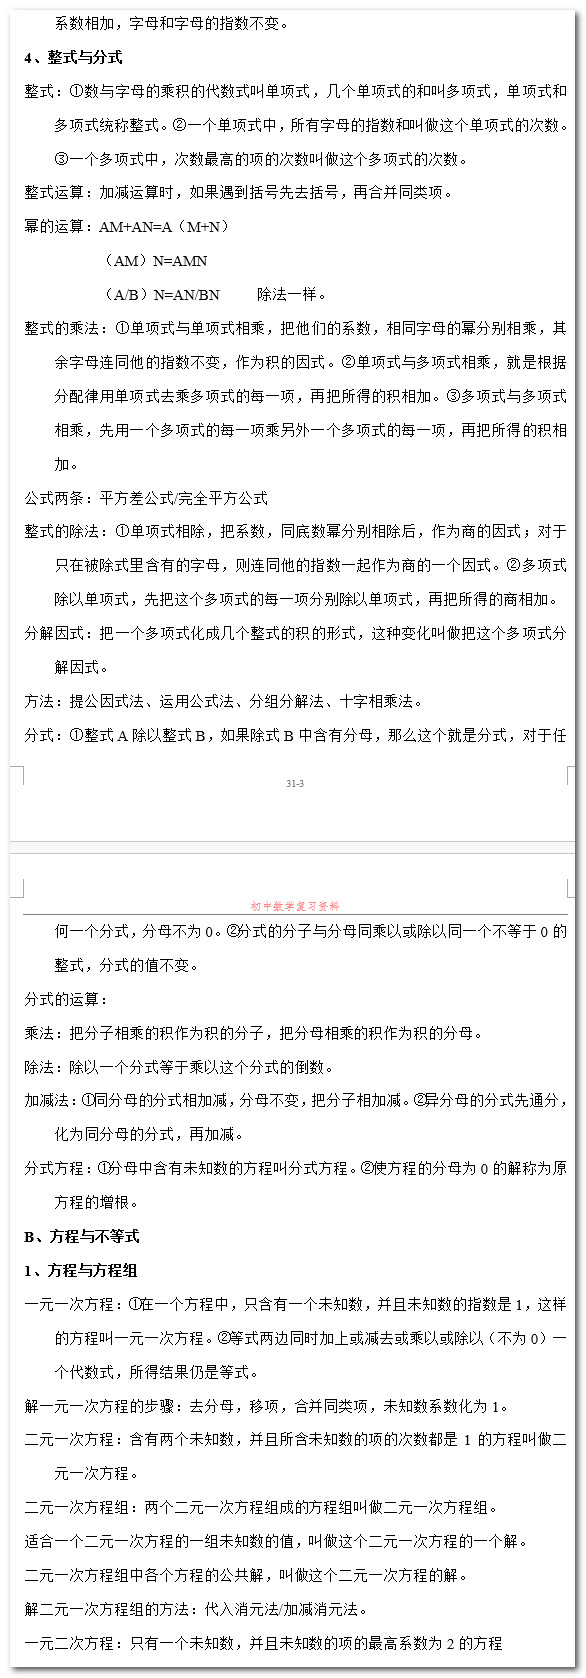 2018长沙初二数学知识点总结(二)